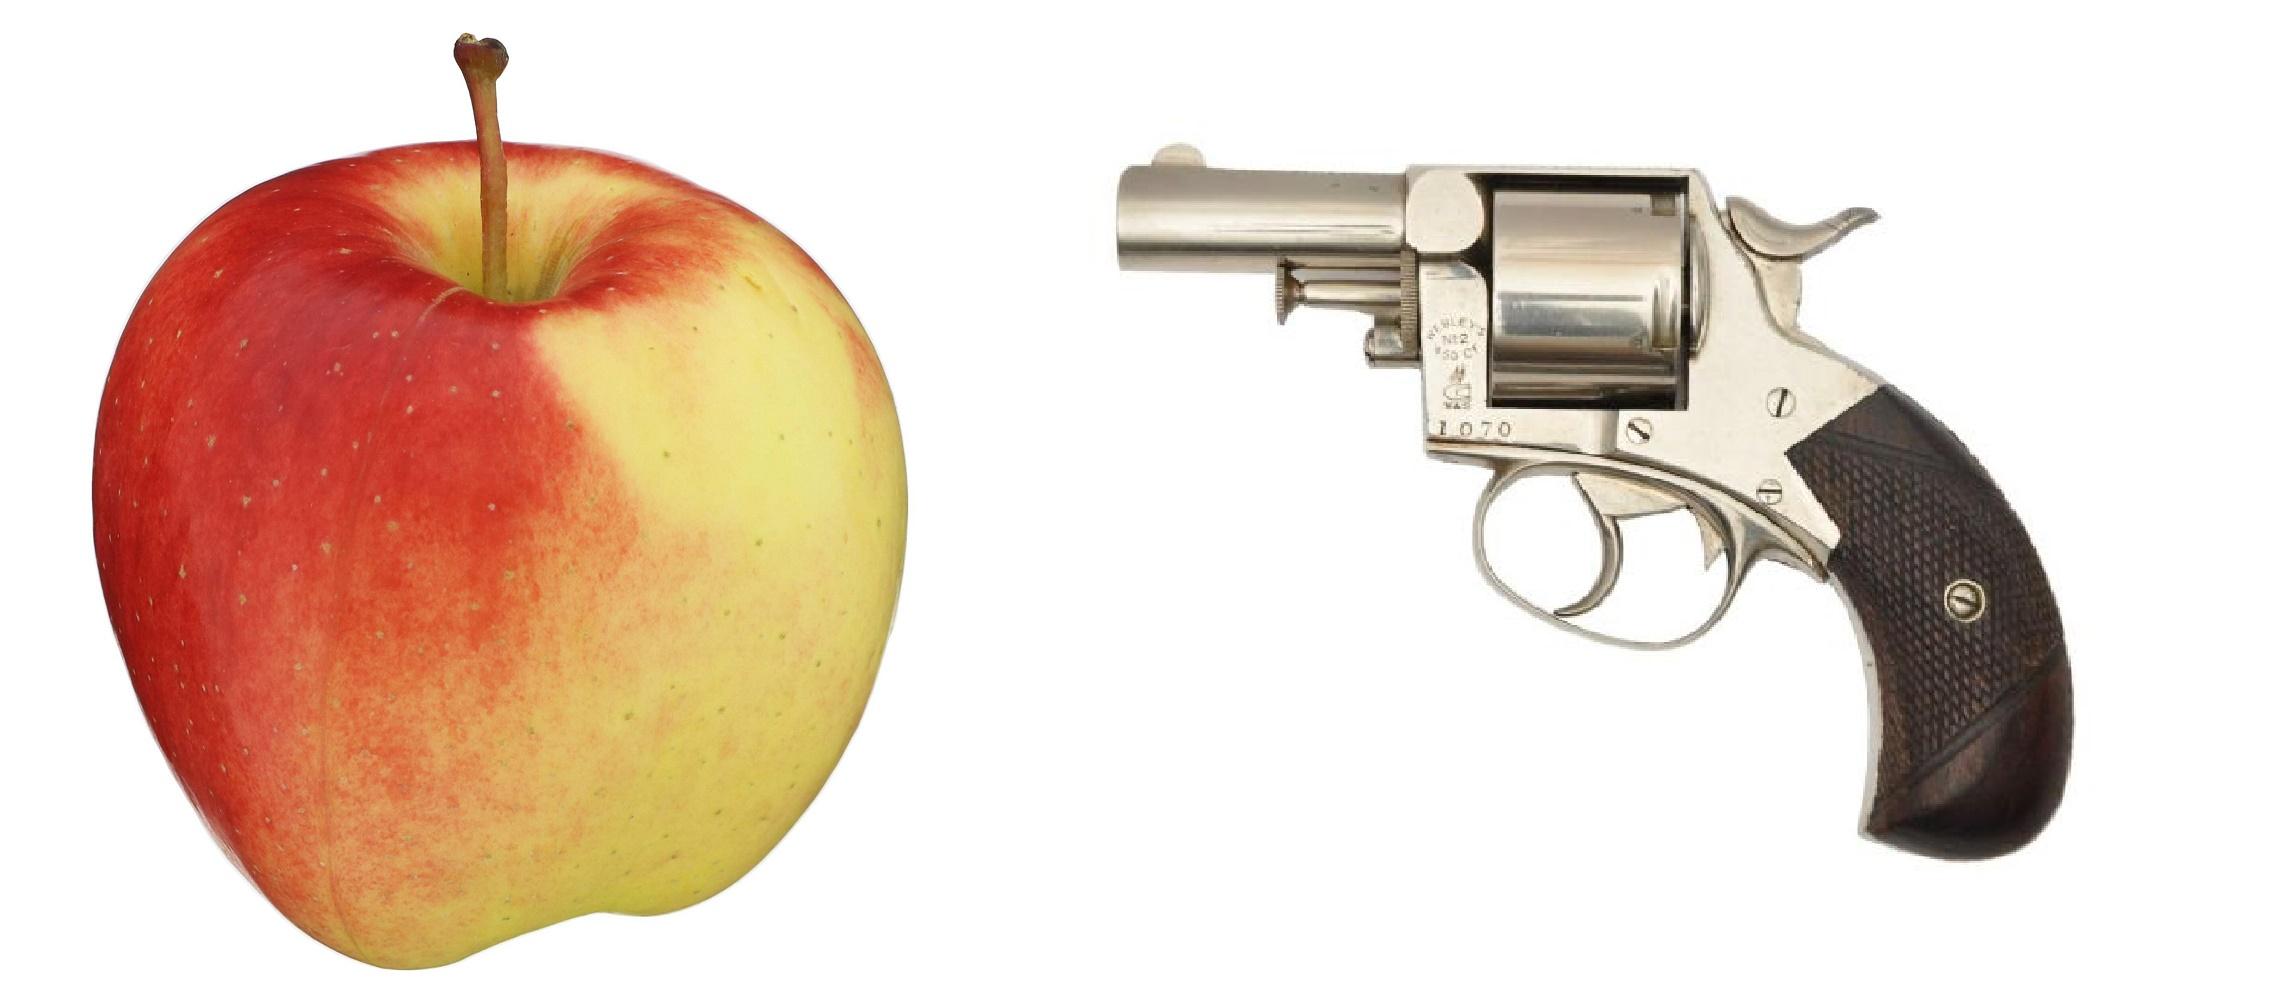 Az alma, mint elrettentő fegyver – rejtői tanulságok